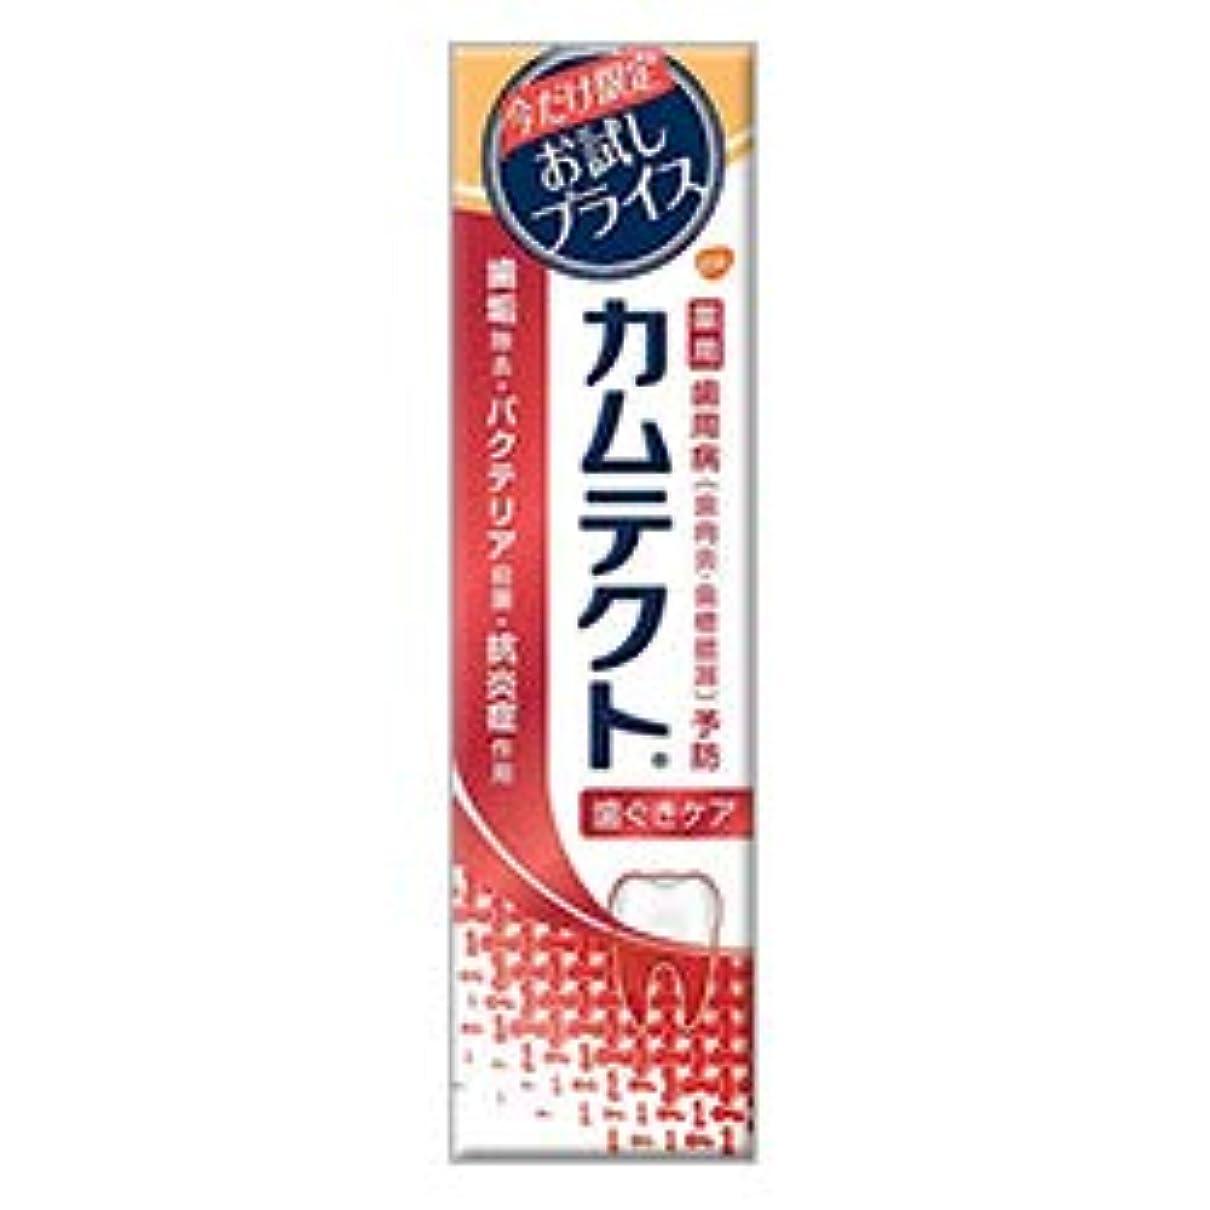 つば乏しい不愉快【アース製薬】カムテクト 歯ぐきケア 限定お試し版 105g [医薬部外品] ×5個セット